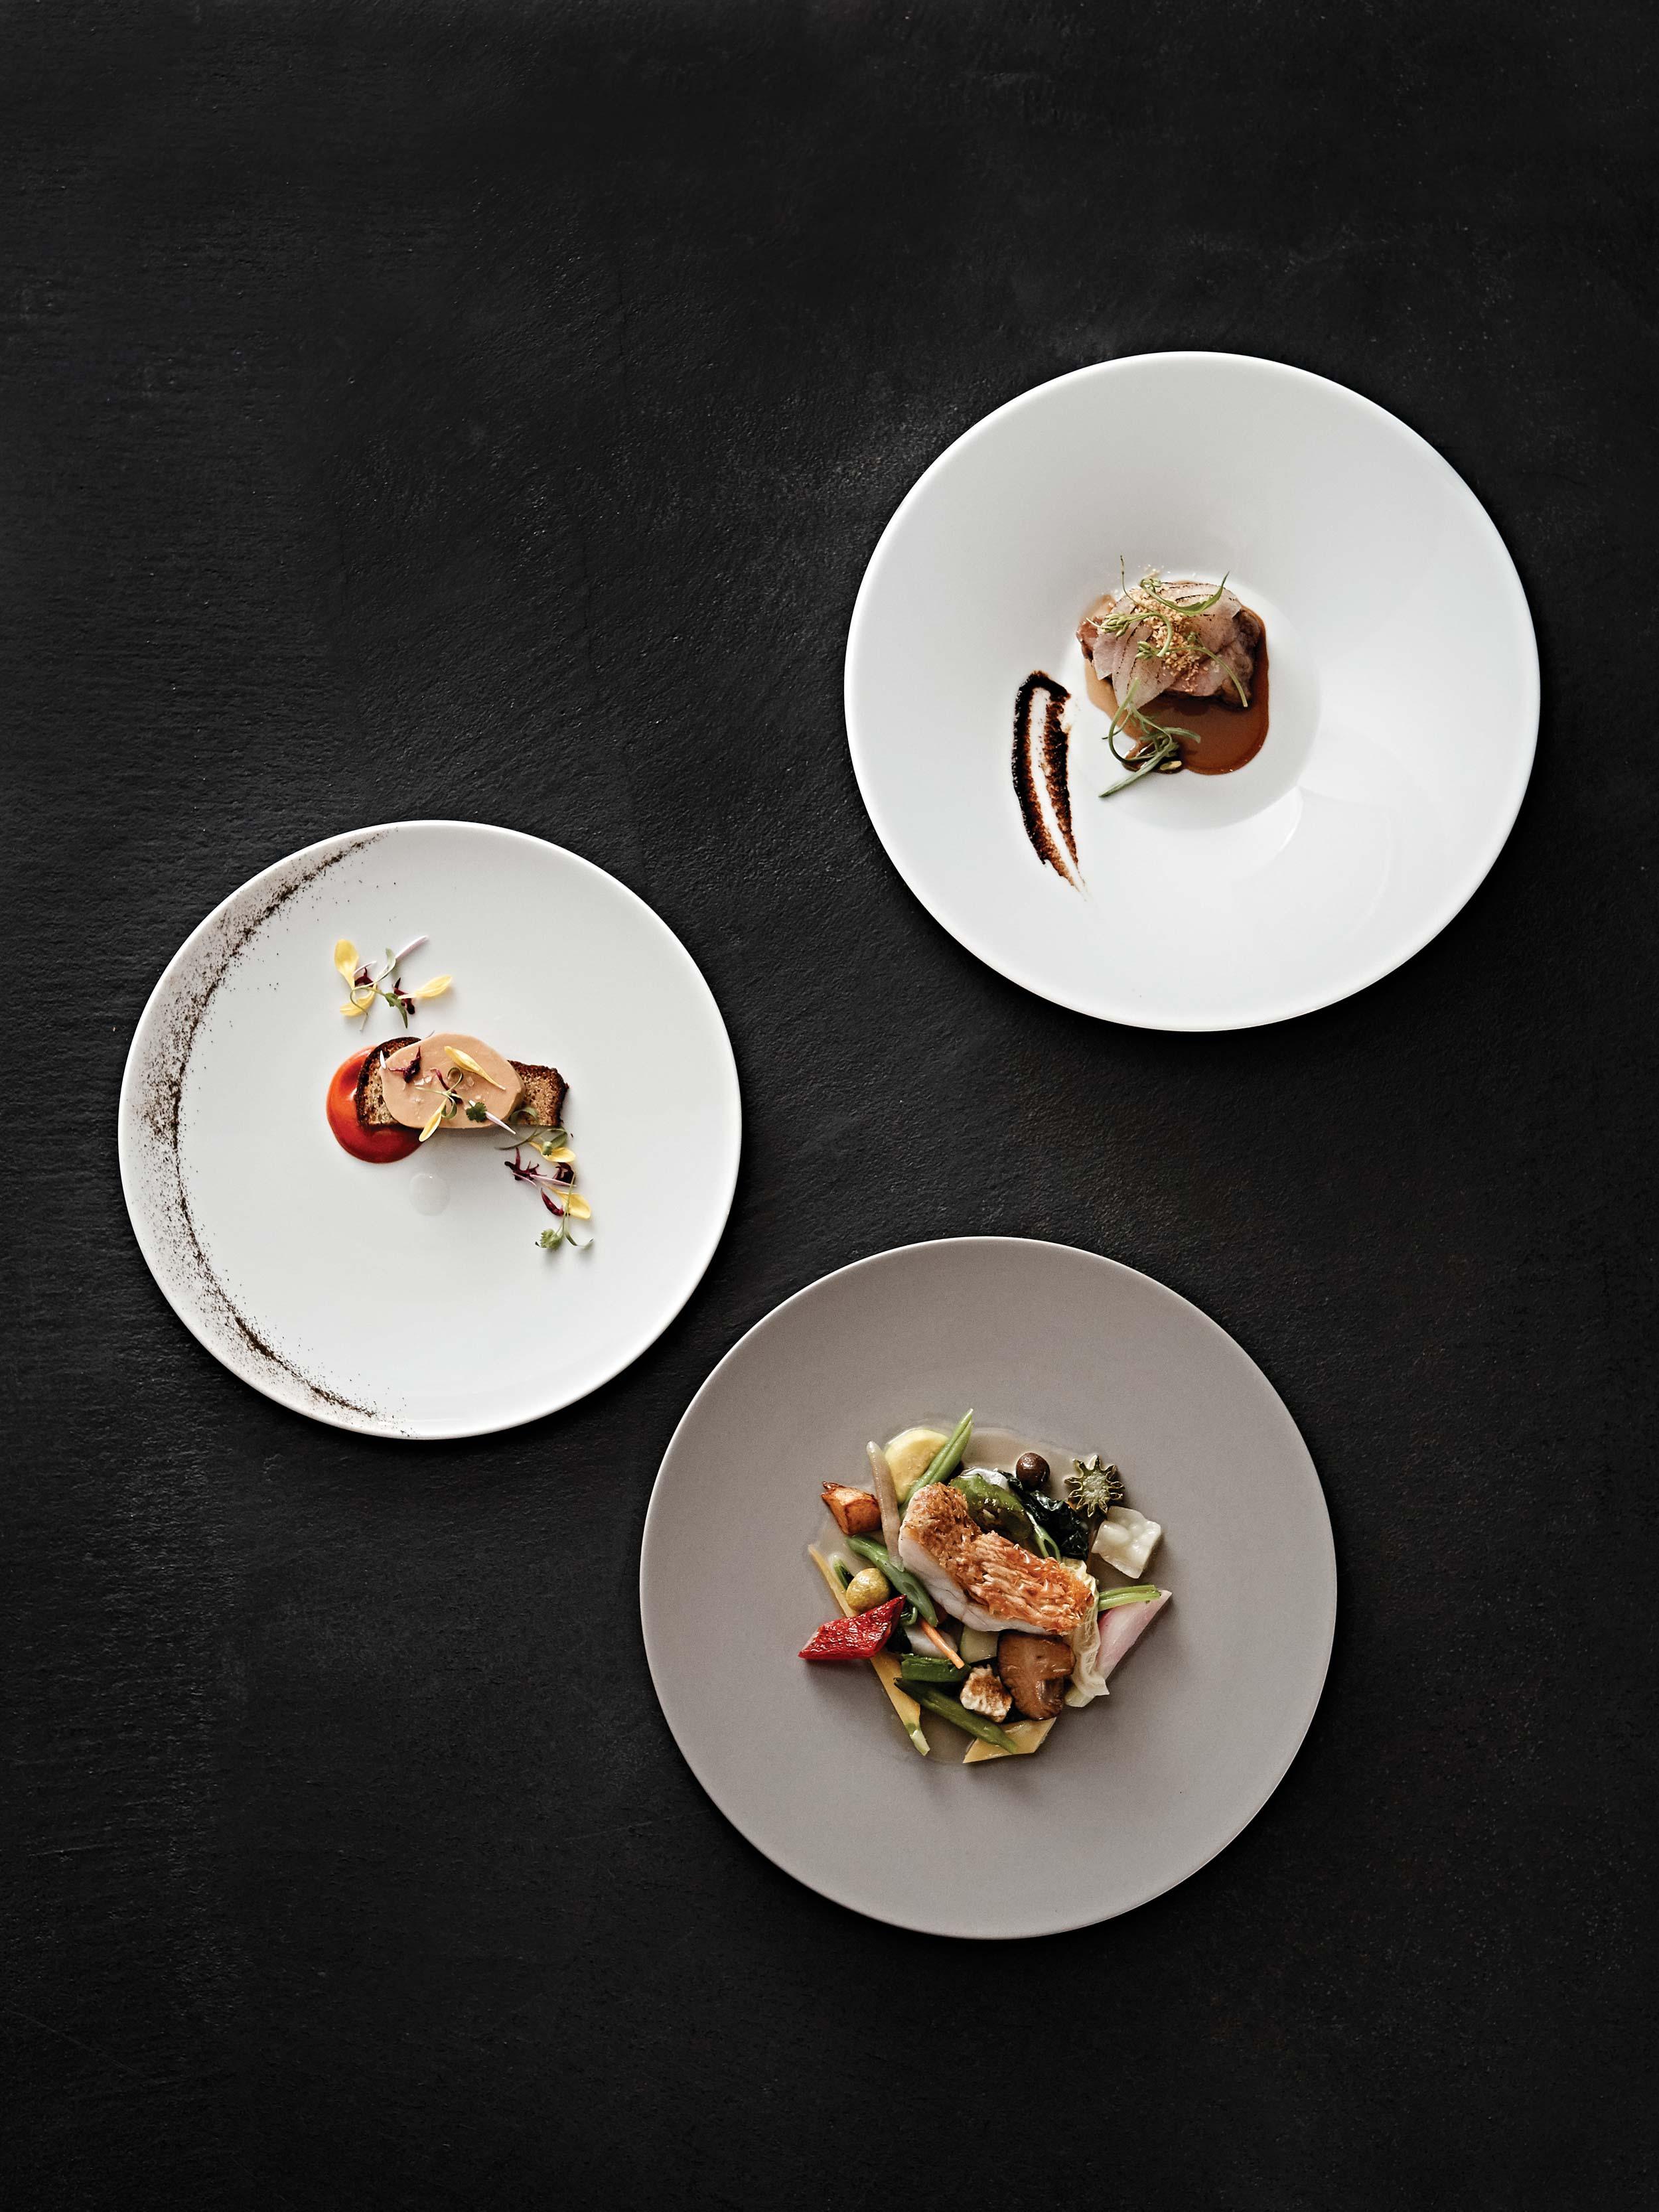 교토 프렌치를 선보이는 모토이는 미슐랭 1스타 레스토랑이다. © 김재욱